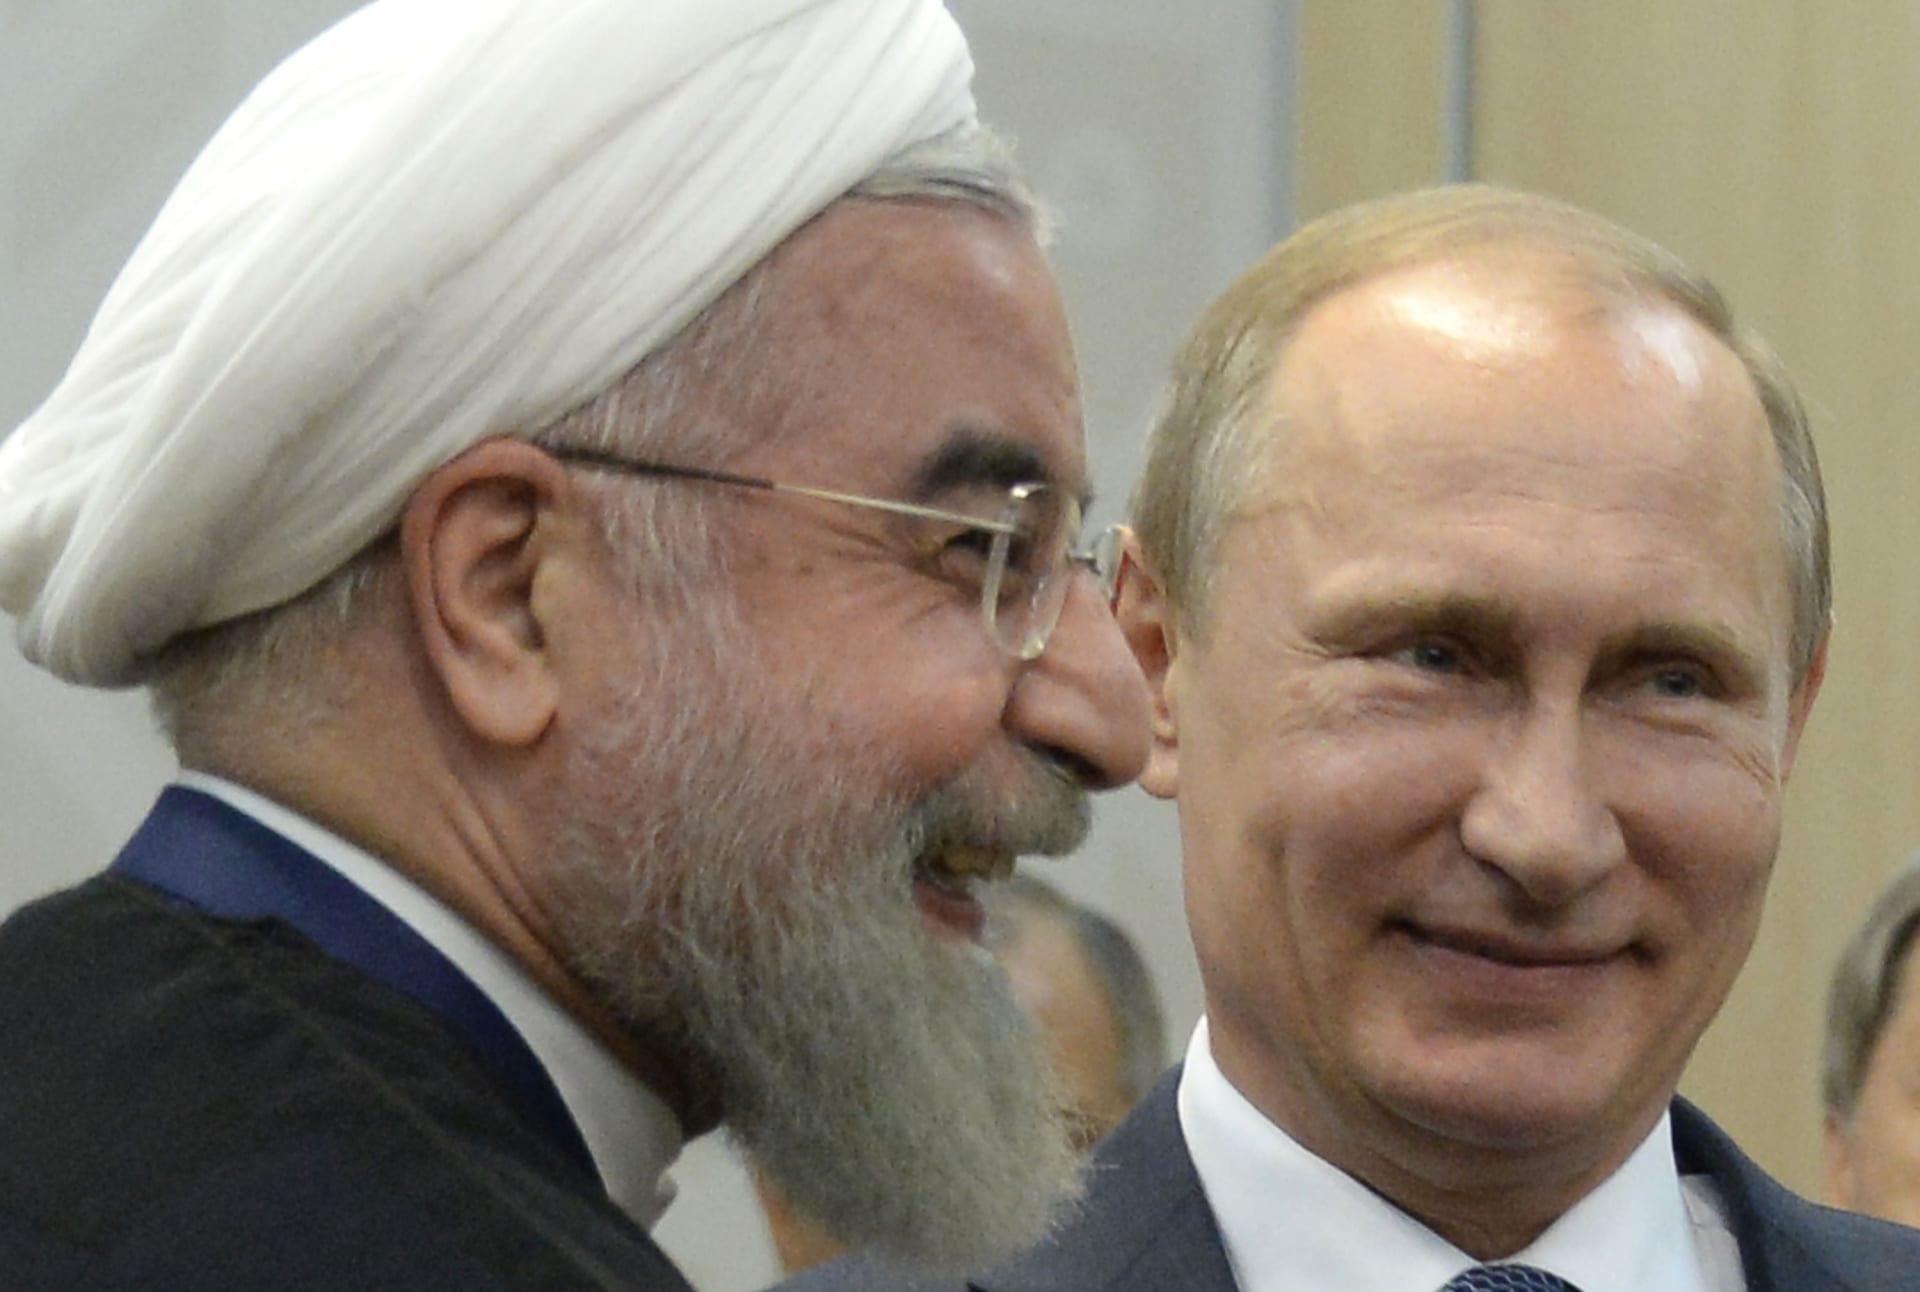 هل يشهد العالم تواطؤا روسيا إيرانيا؟.. وزير الدفاع الروسي: اتفاق بين موسكو وطهران على تعميق العلاقات العسكرية